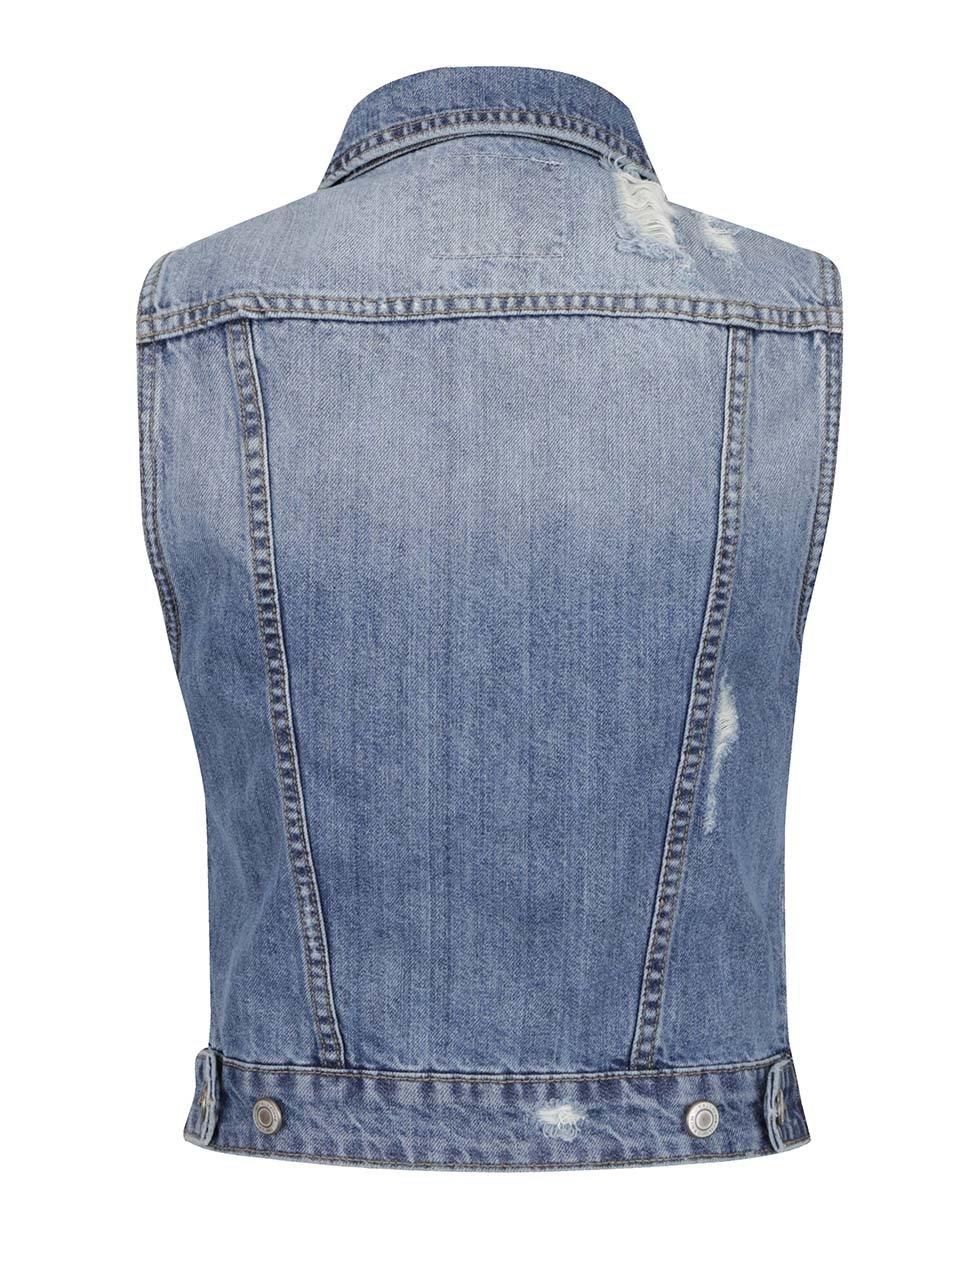 Světle modrá džínová vesta s barevnými odznaky TALLY WEiJL ... a0ae040be6